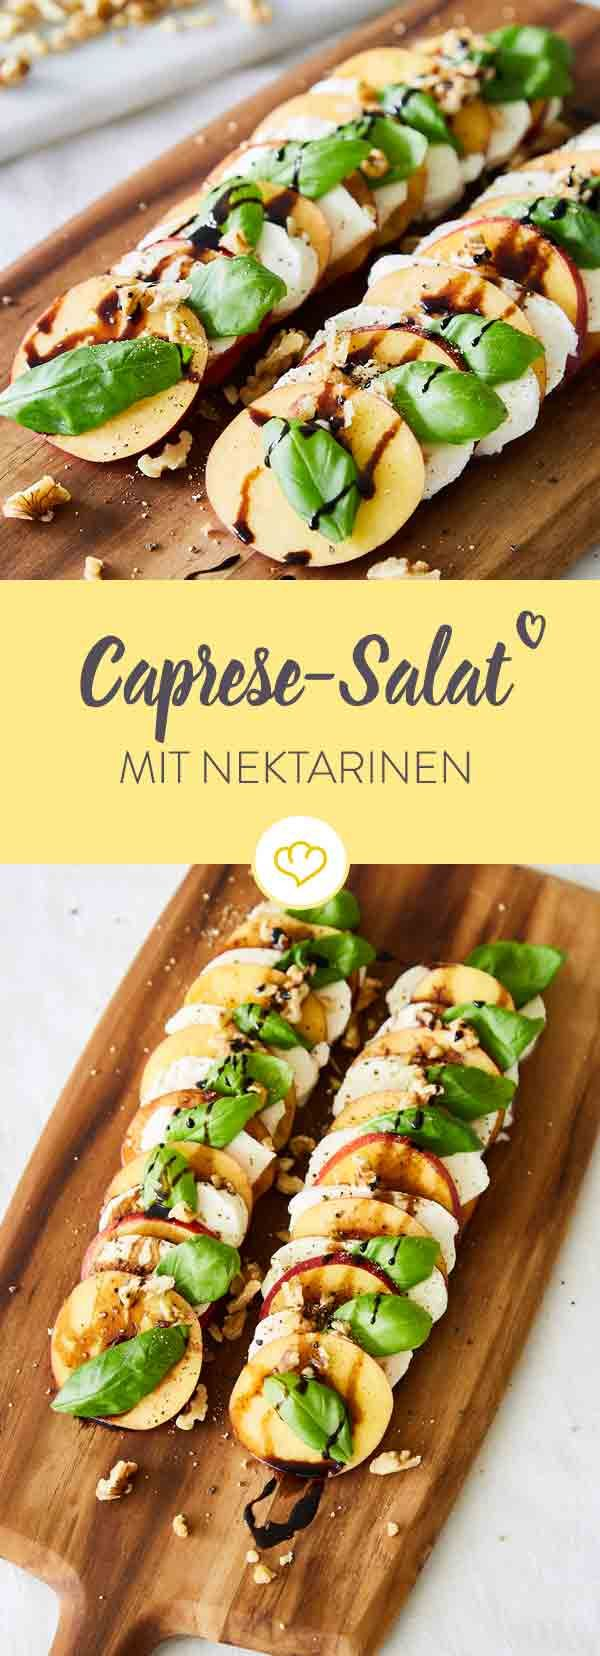 Caprese-Salat mit Nektarinen